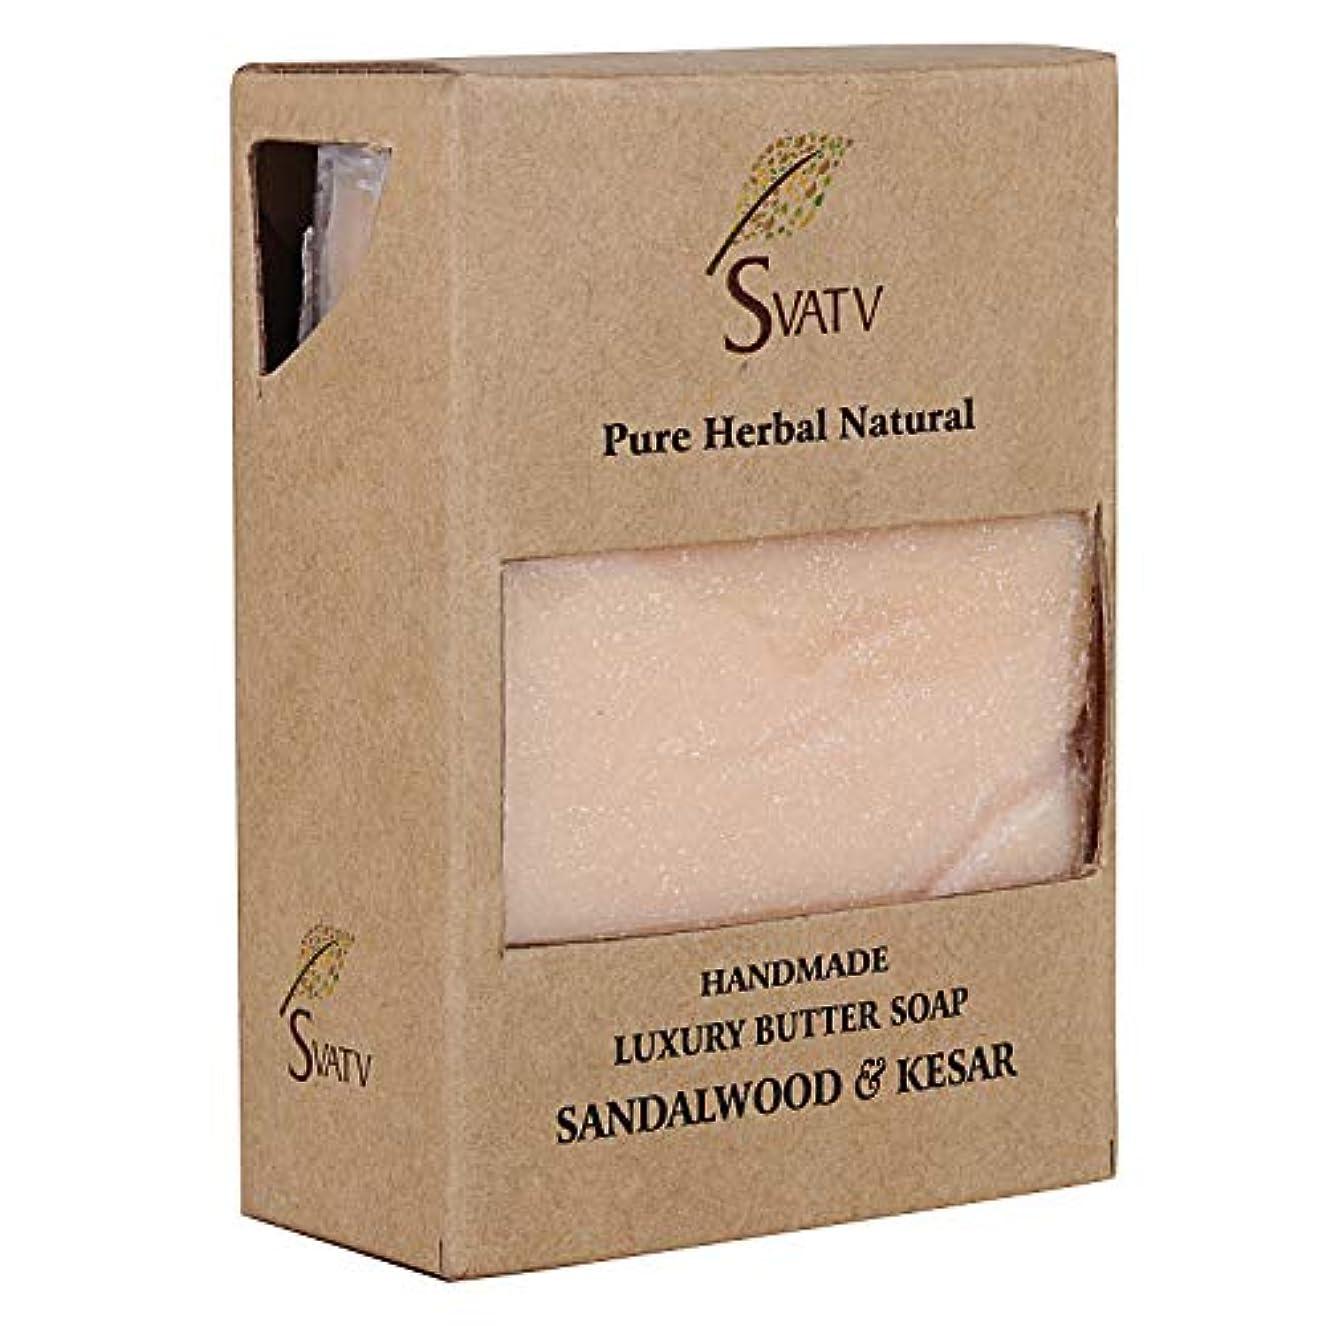 好き十代ローブSVATV Handmade Luxury Butter Natural Soap ll Sandalwood & Kesar ll For All Skin types 100g Bar ll Kosher Certified